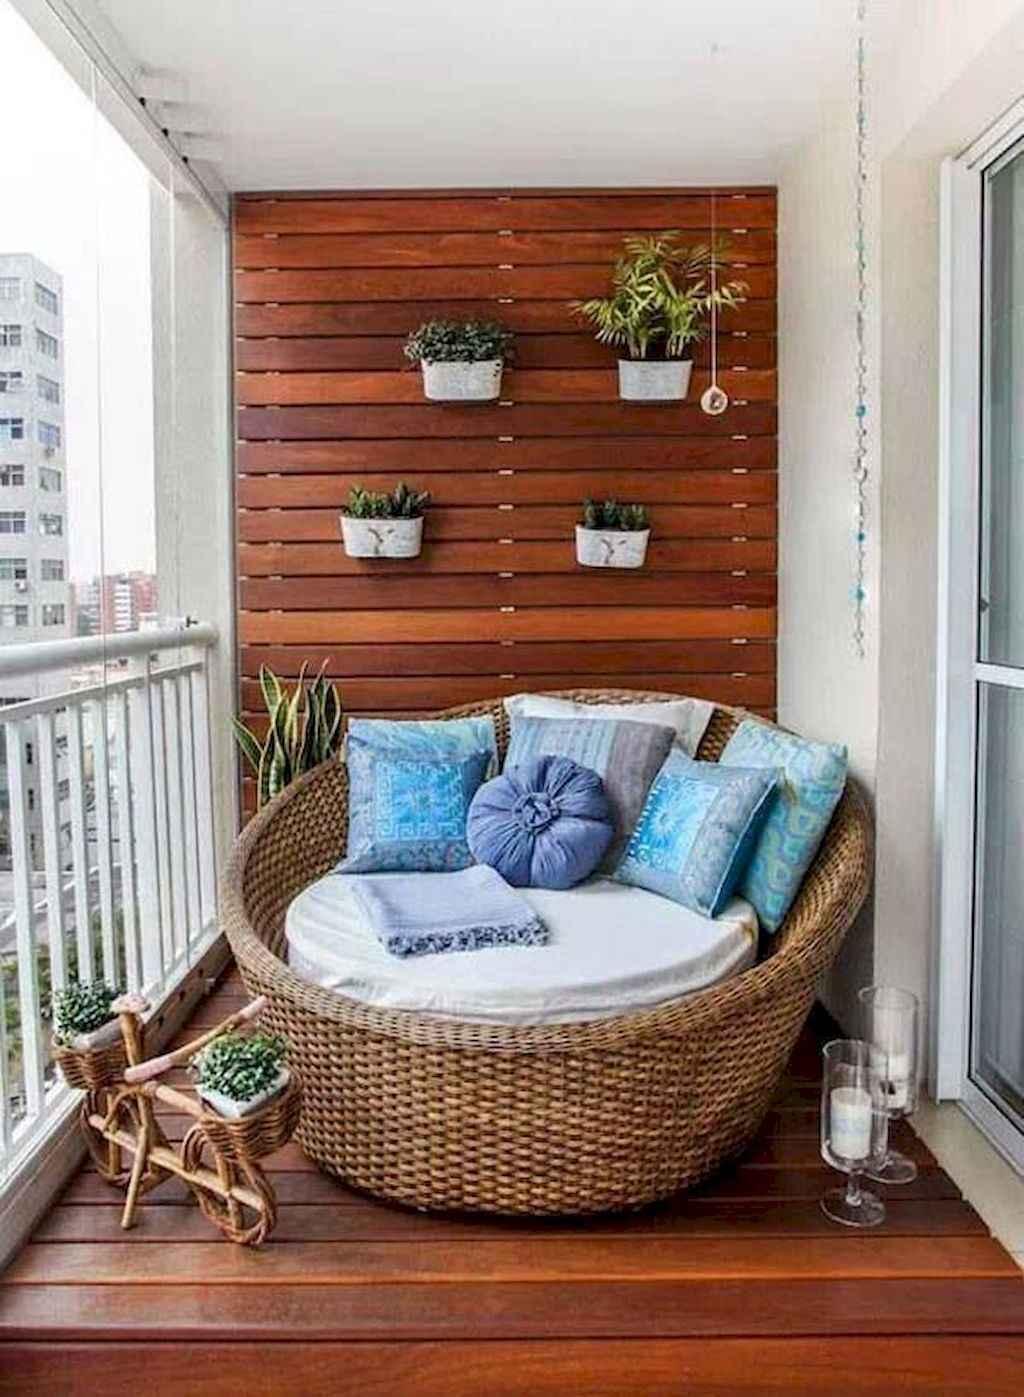 Small balcony decoration ideas (41)